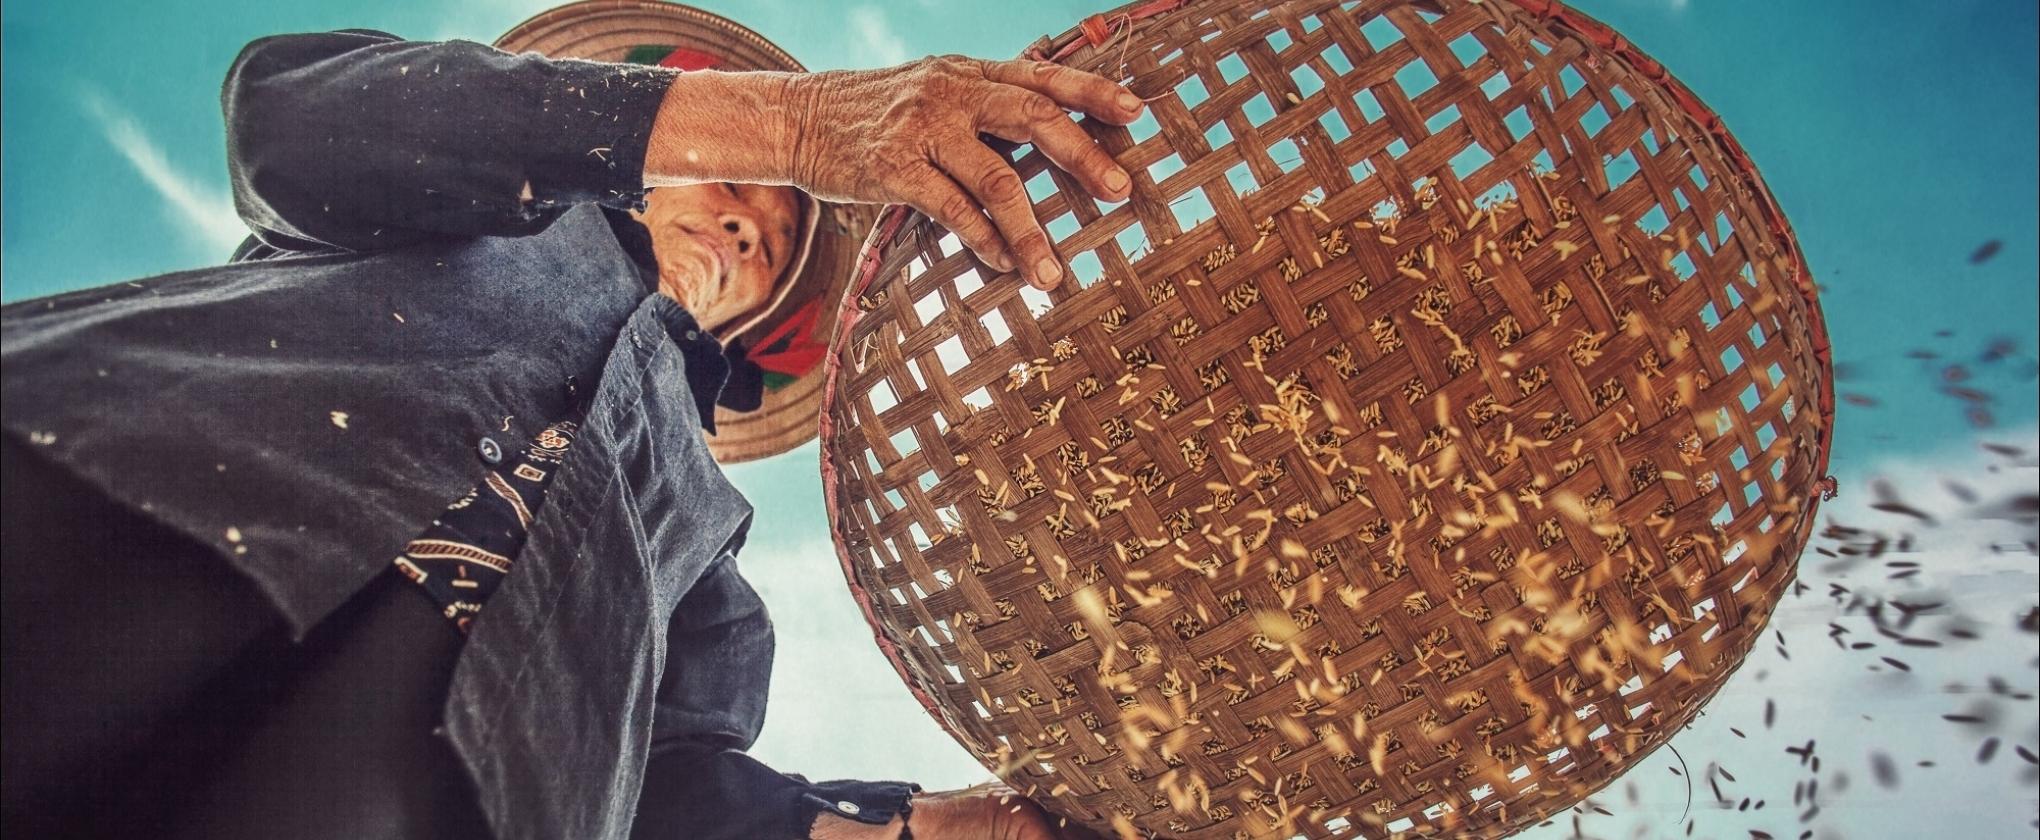 An SME's Guide to Fair Trade Principles